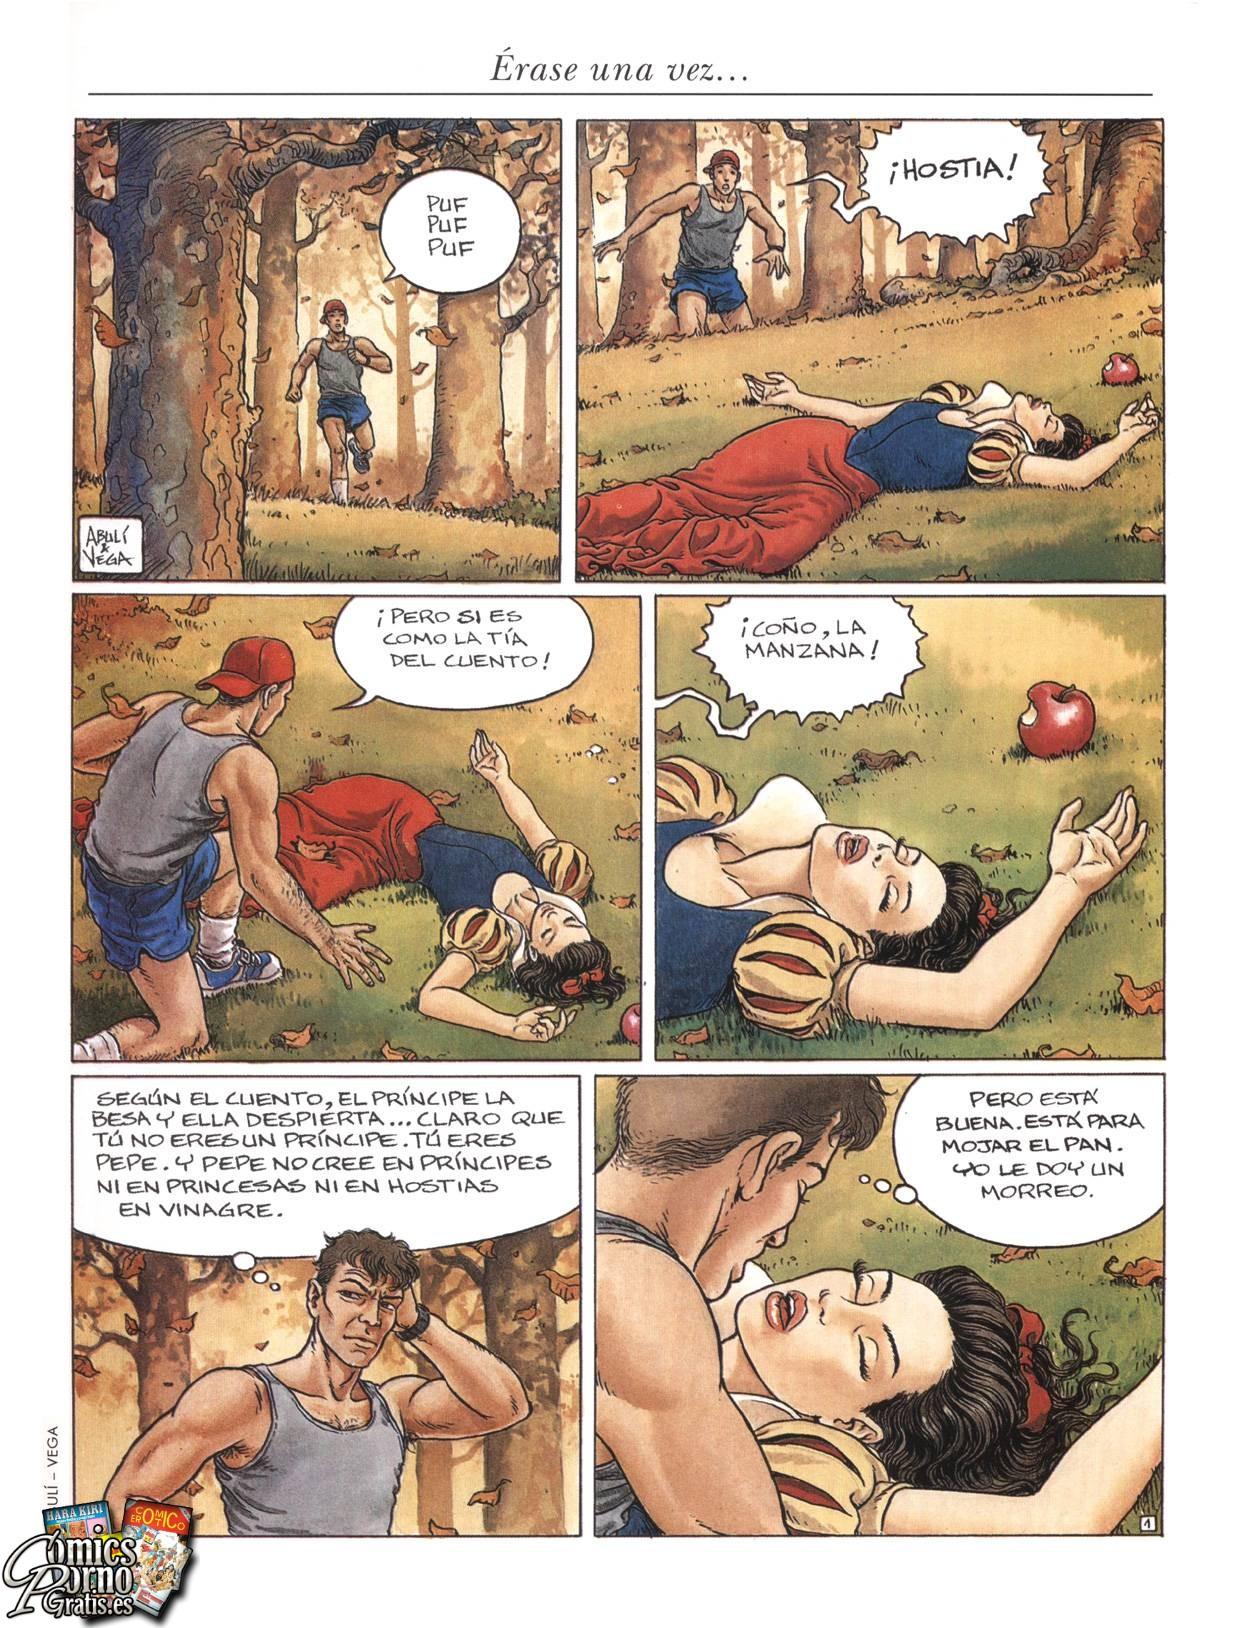 Читать рассказы в порно комиксах 5 фотография